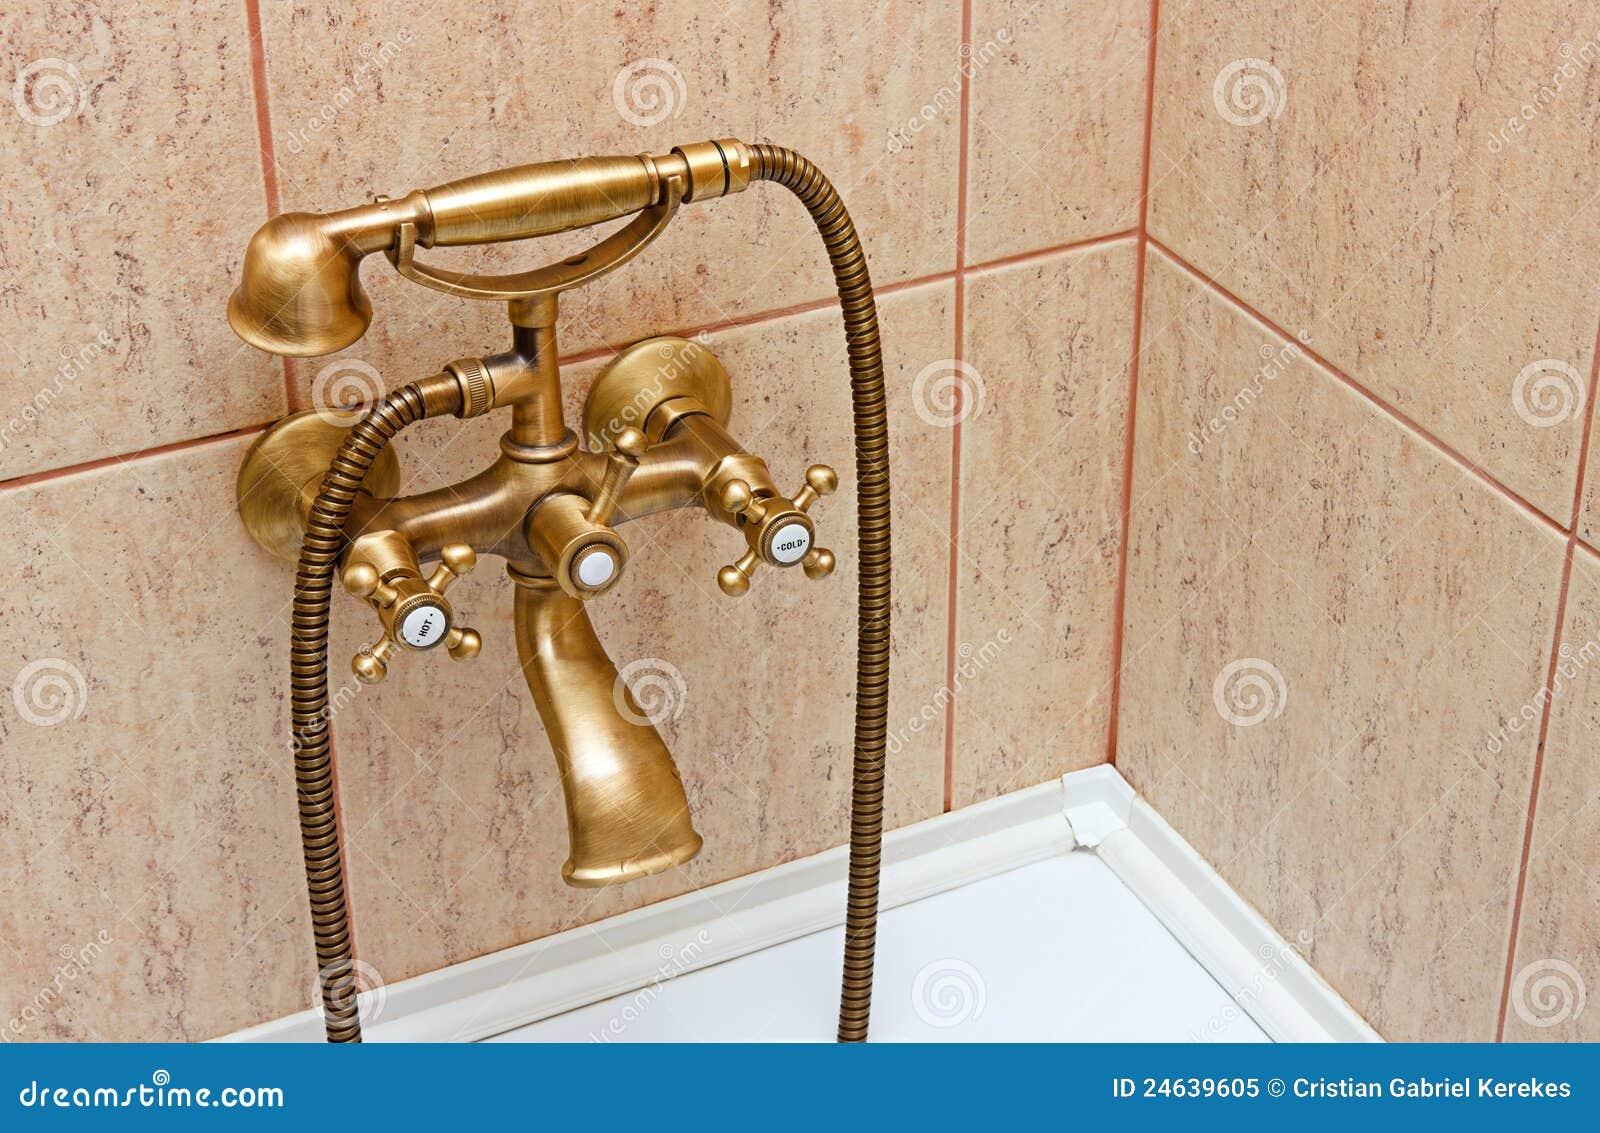 Vasca Da Bagno Bassa : Rubinetto di vasca da bagno dellannata e mattonelle di ceramica